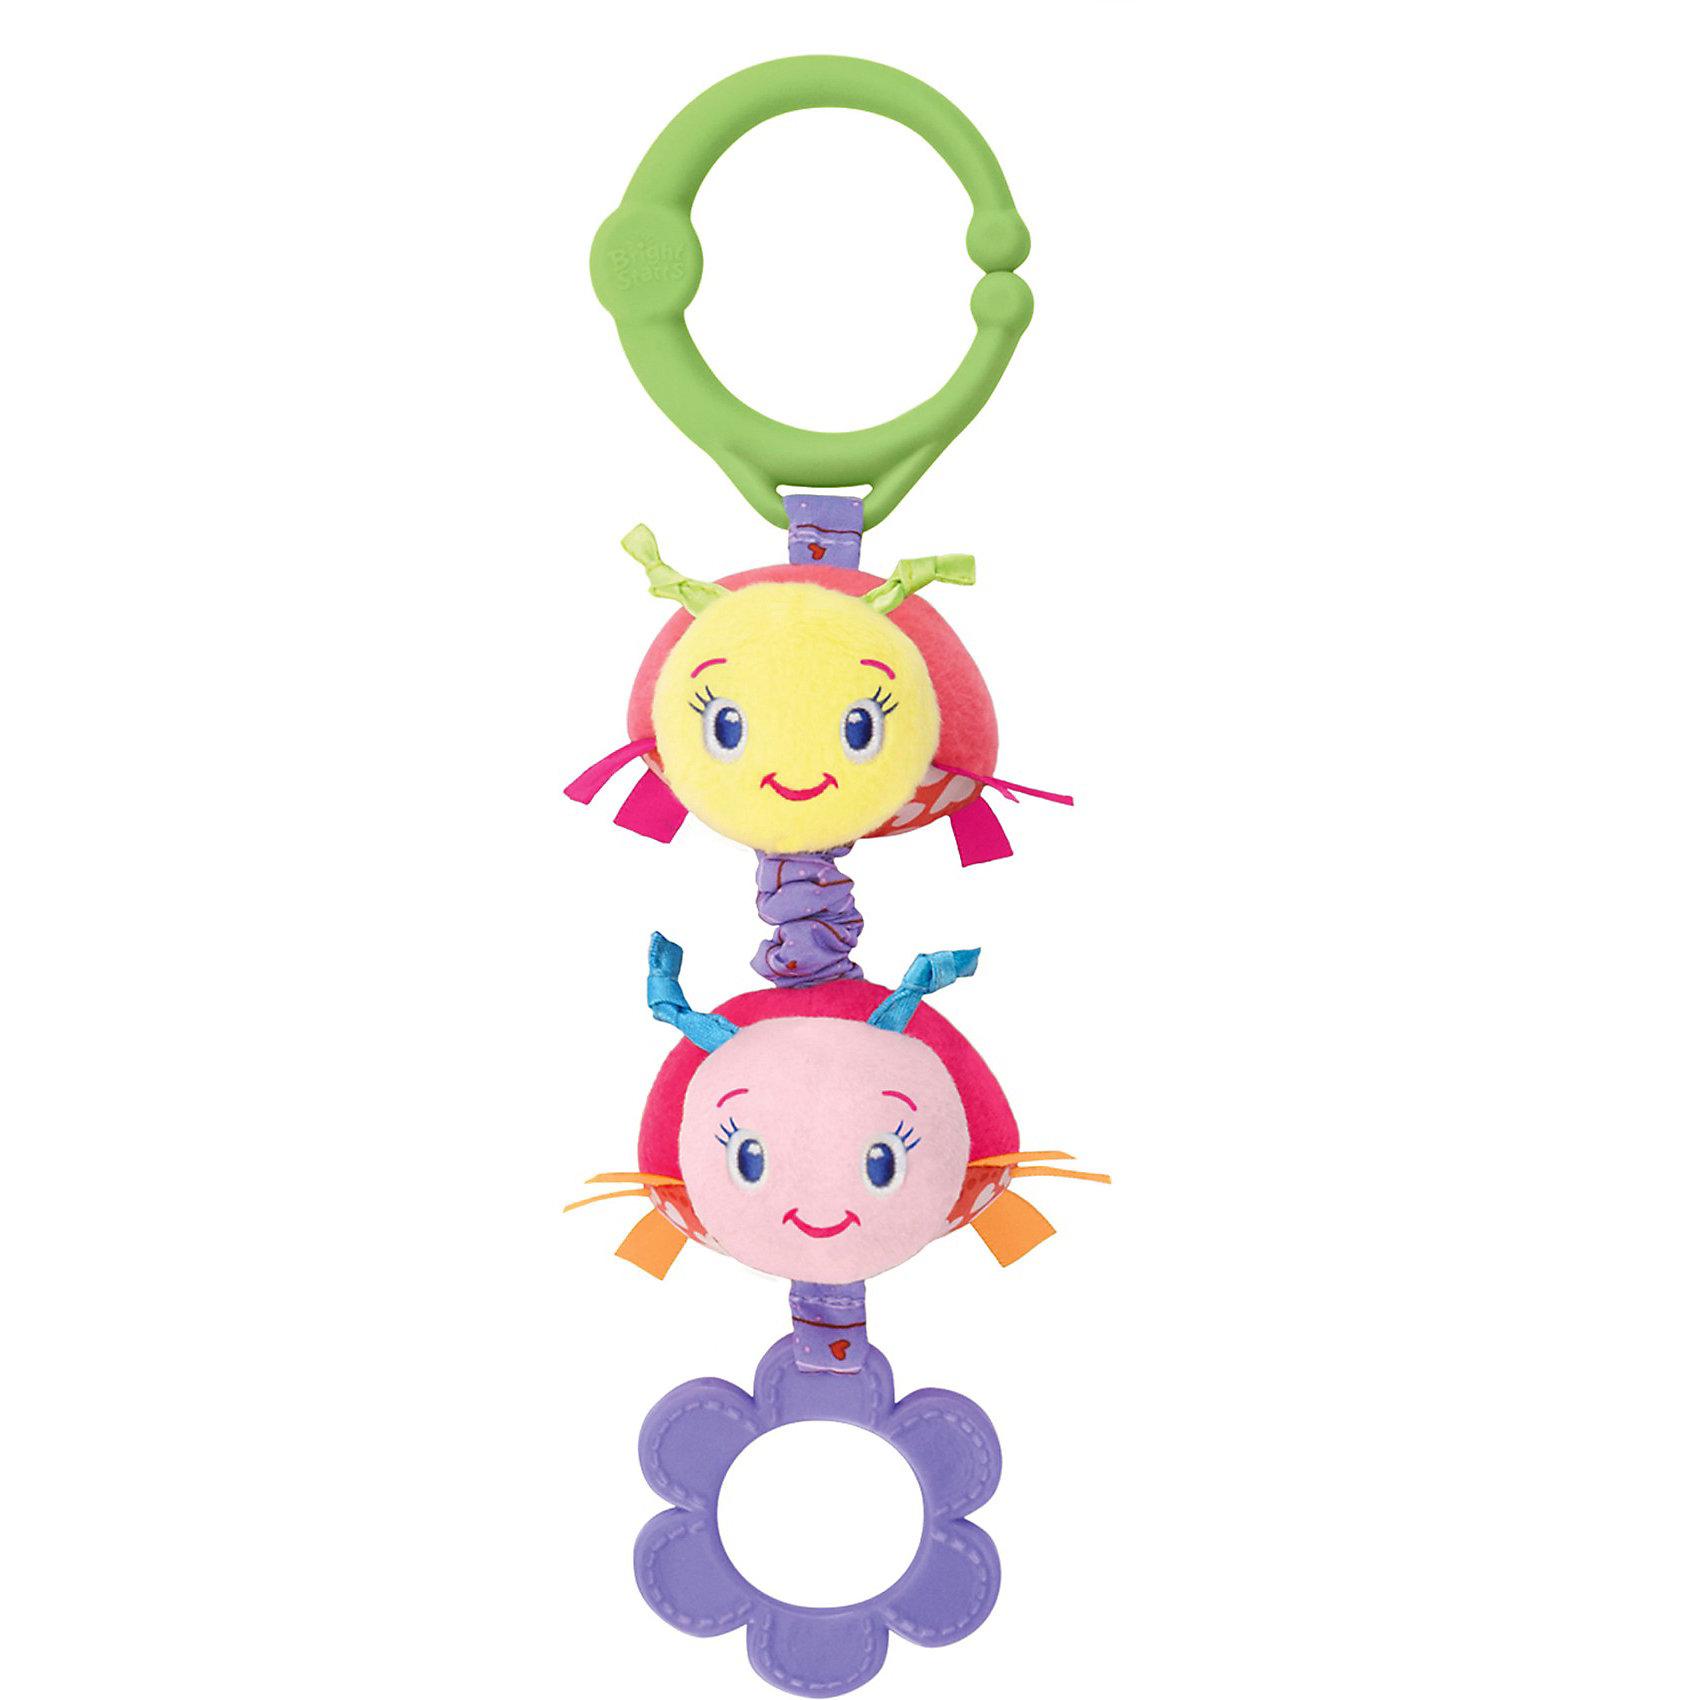 Развивающая игрушка  Божьи коровки, Bright StartsРазвивающая игрушка Божьи коровки Bright Starts (Брайт Старс) представляет собой ярких и симпатичных божьих коровок, которые легко прикрепляются к автокреслу, коляске или кроватке. У игрушки есть приятная особенность, которая непременно приведет в восторг Вашего малыша: стоит потянуть за игрушку, и она начнет вибрировать. Божьи коровки выполнены в ярких тонах, у них симпатичные мордочки, снизу есть резиновое колечко, которое можно погрызть, сверху - удобное крепление в виде пластикового кольца. Игрушка развивает мелкую моторику и цветовосприятие, поэтому идеальна для новорожденных!<br><br>Дополнительная информация:<br><br>- Идеально подходит для новорожденных;<br>- Удобное универсальное крепление;<br>- Вибрирующий эффект, который так нравится малышам;<br>- Прорезыватель;<br>- Яркие цвета;<br>- Безопасные материалы;<br>- Материал: пластик, текстиль;<br>- Размер игрушки: 8 х 5 х 26 см;<br>- Размер упаковки: 9 х 5 х 30 см;<br>- Вес упаковки: 150 г<br><br>Развивающую игрушку  Божьи коровки, Bright Starts (Брайт Старс)  можно купить в нашем интернет-магазине.<br><br>Ширина мм: 410<br>Глубина мм: 190<br>Высота мм: 250<br>Вес г: 95<br>Возраст от месяцев: 0<br>Возраст до месяцев: 24<br>Пол: Унисекс<br>Возраст: Детский<br>SKU: 3345330